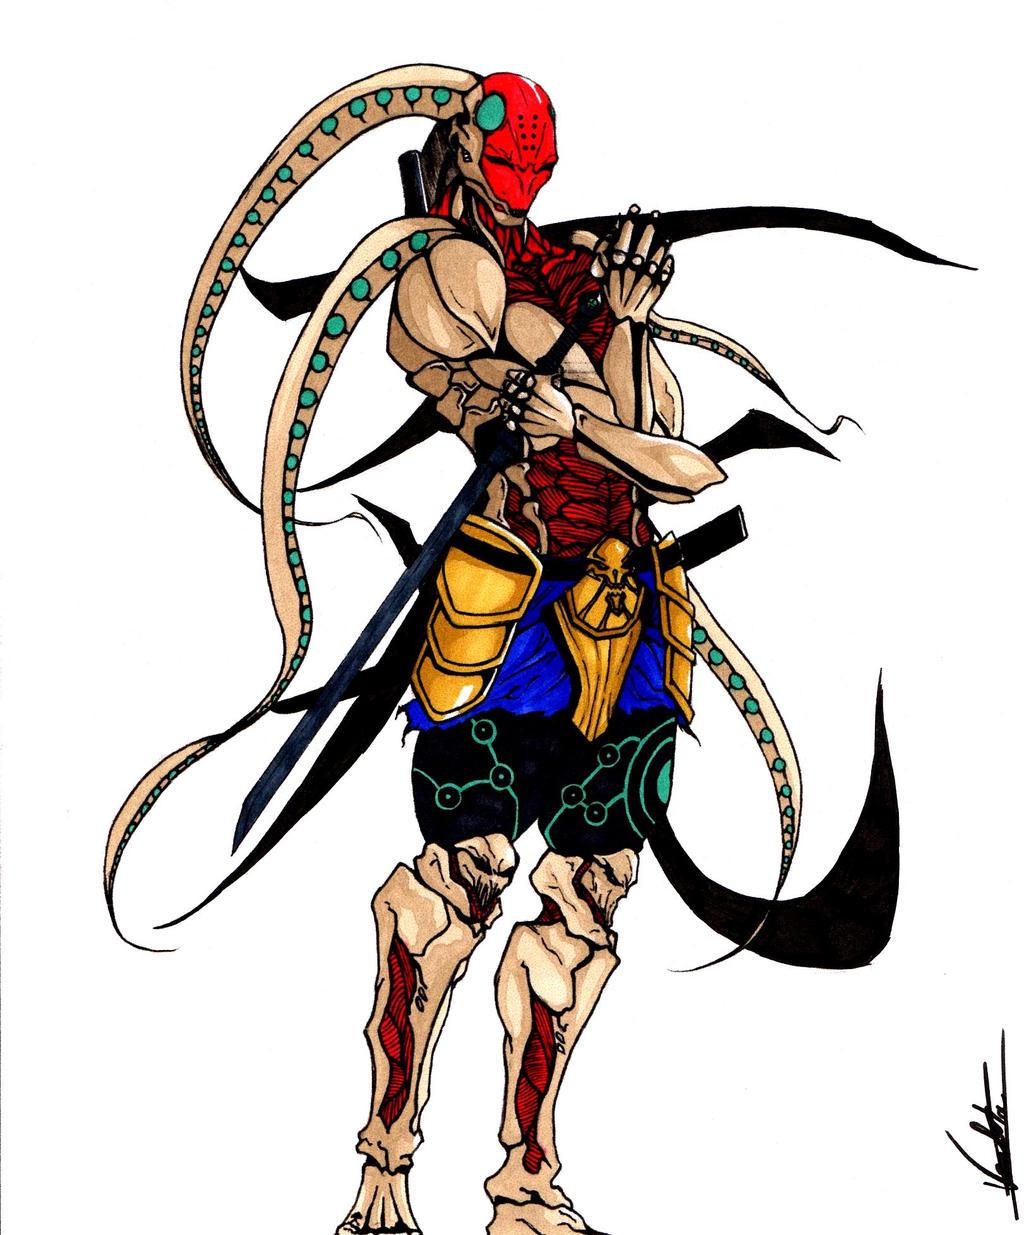 Yoshimitsu Tekken 7 By Vendeta1991 On Deviantart